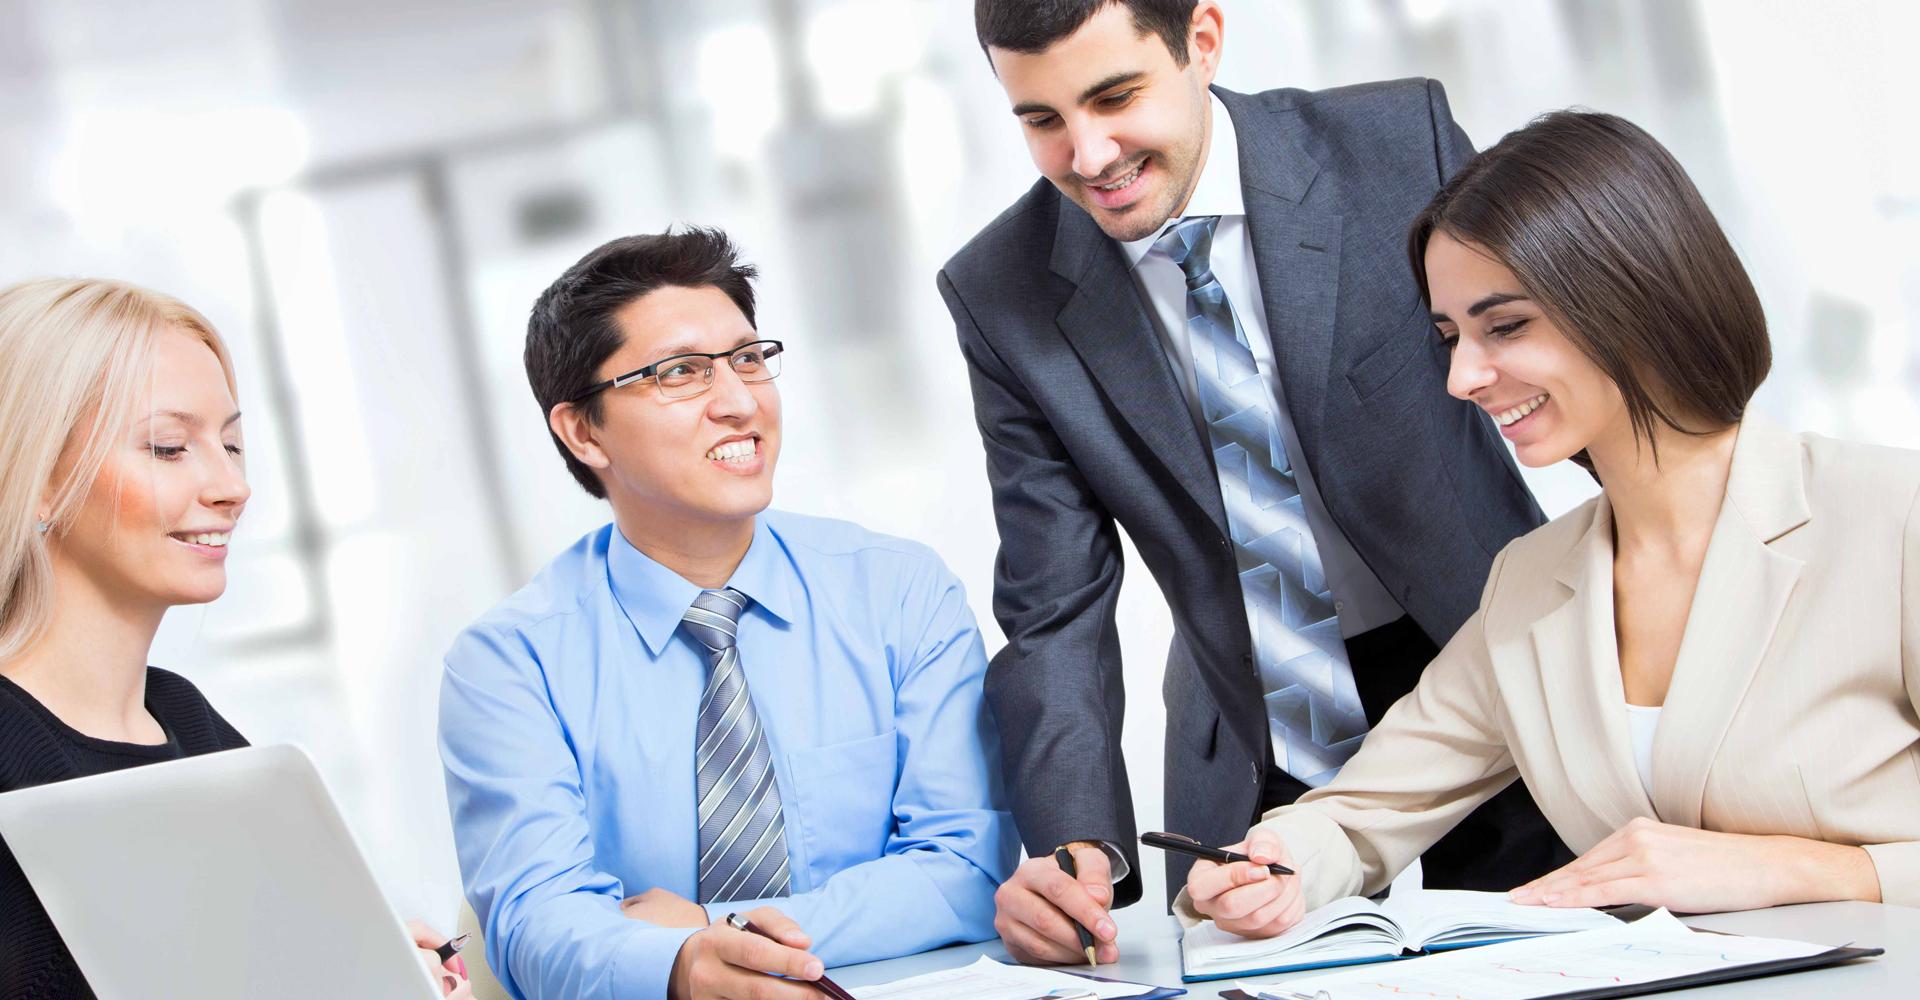 Как стать бизнес-тренером: обучение, поиск клиентов, рекомендации